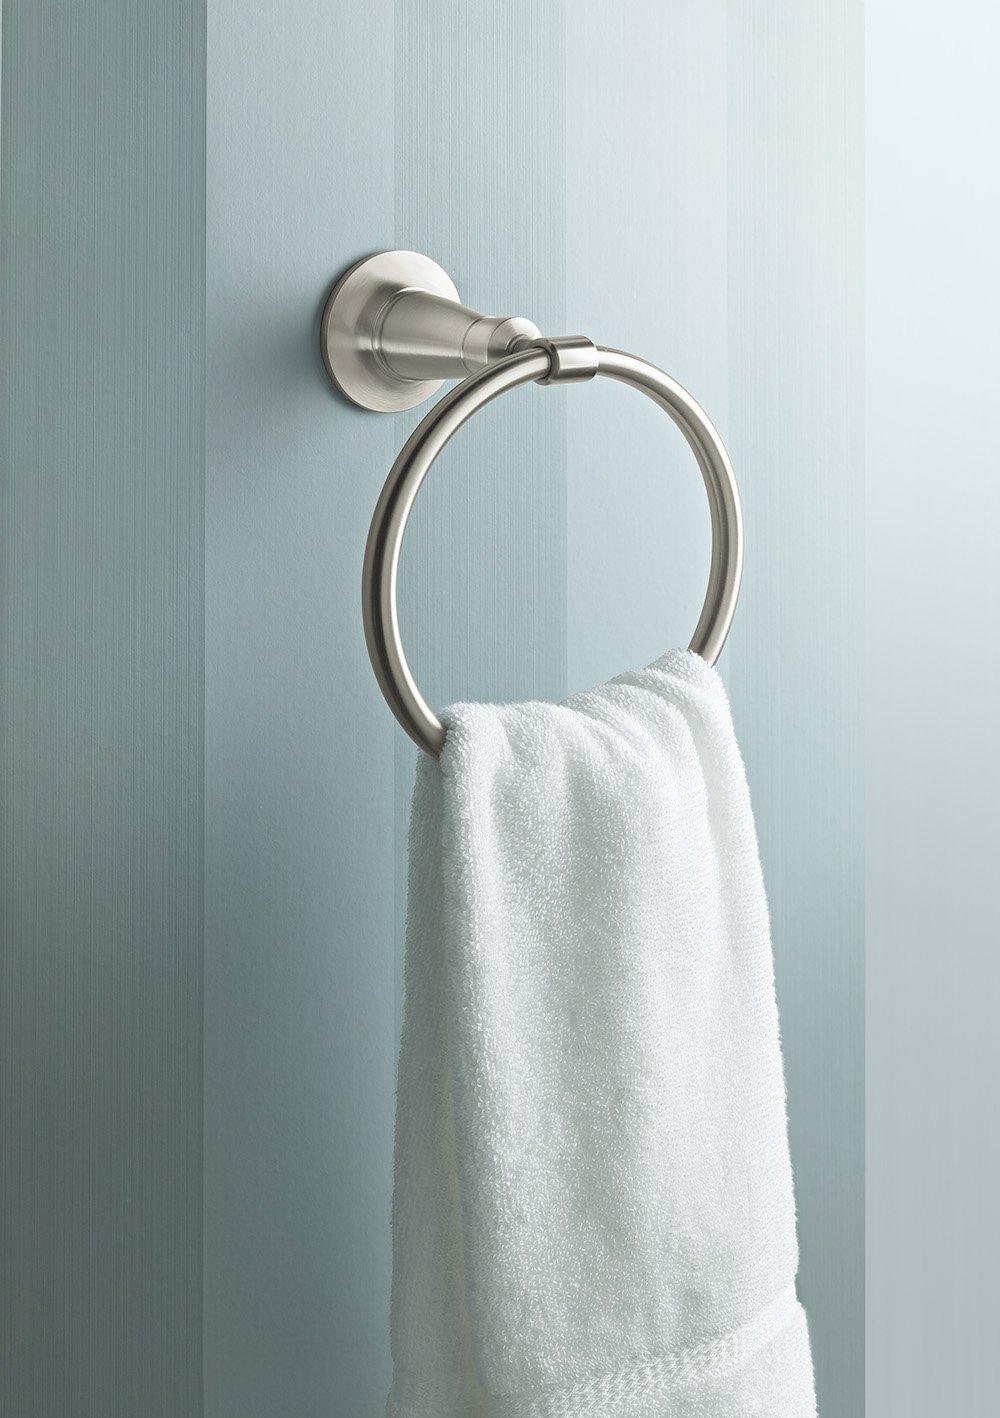 Kohler K-11057-CP Archer Towel Ring, Polished Chrome by Kohler (Image #2)